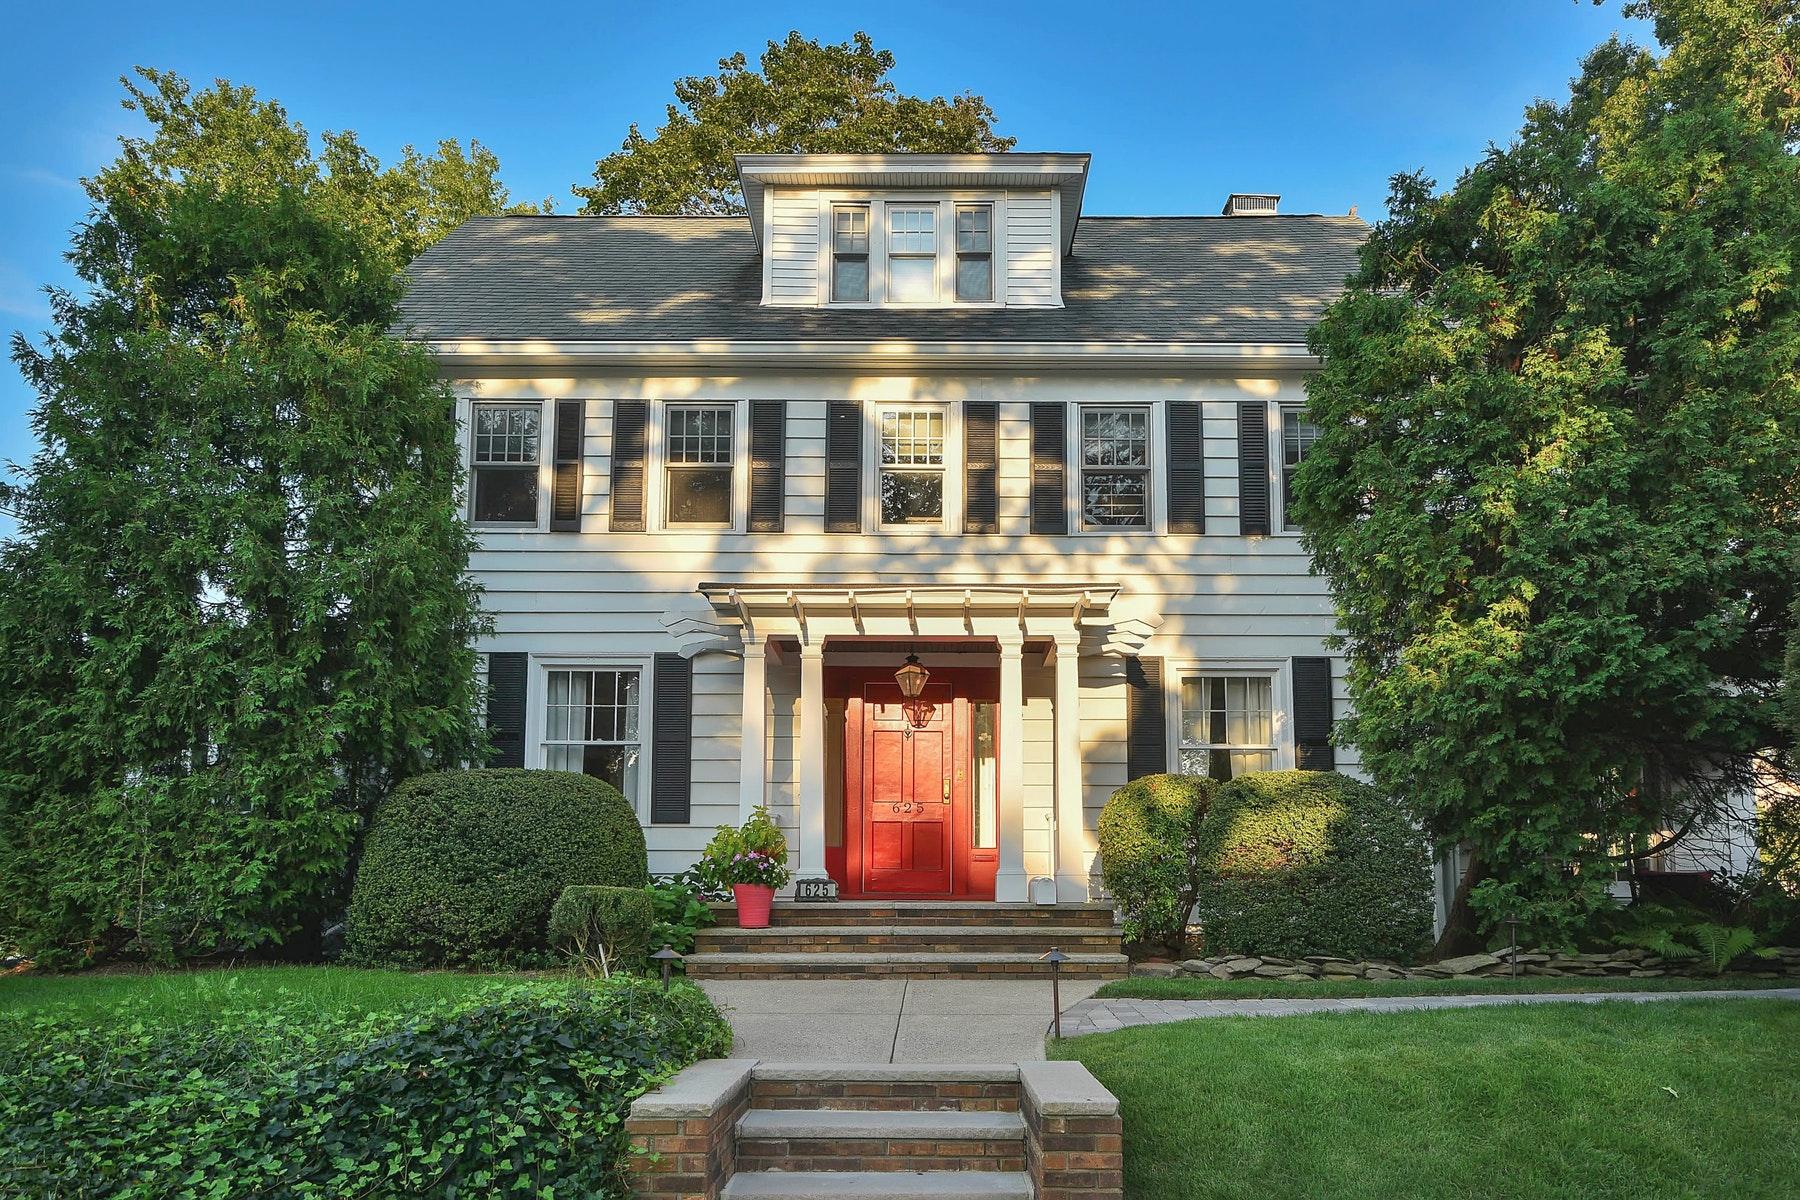 Maison unifamiliale pour l Vente à 19th Century Center Hall Colonial 625 Trenton St., New Milford, New Jersey 07646 États-Unis